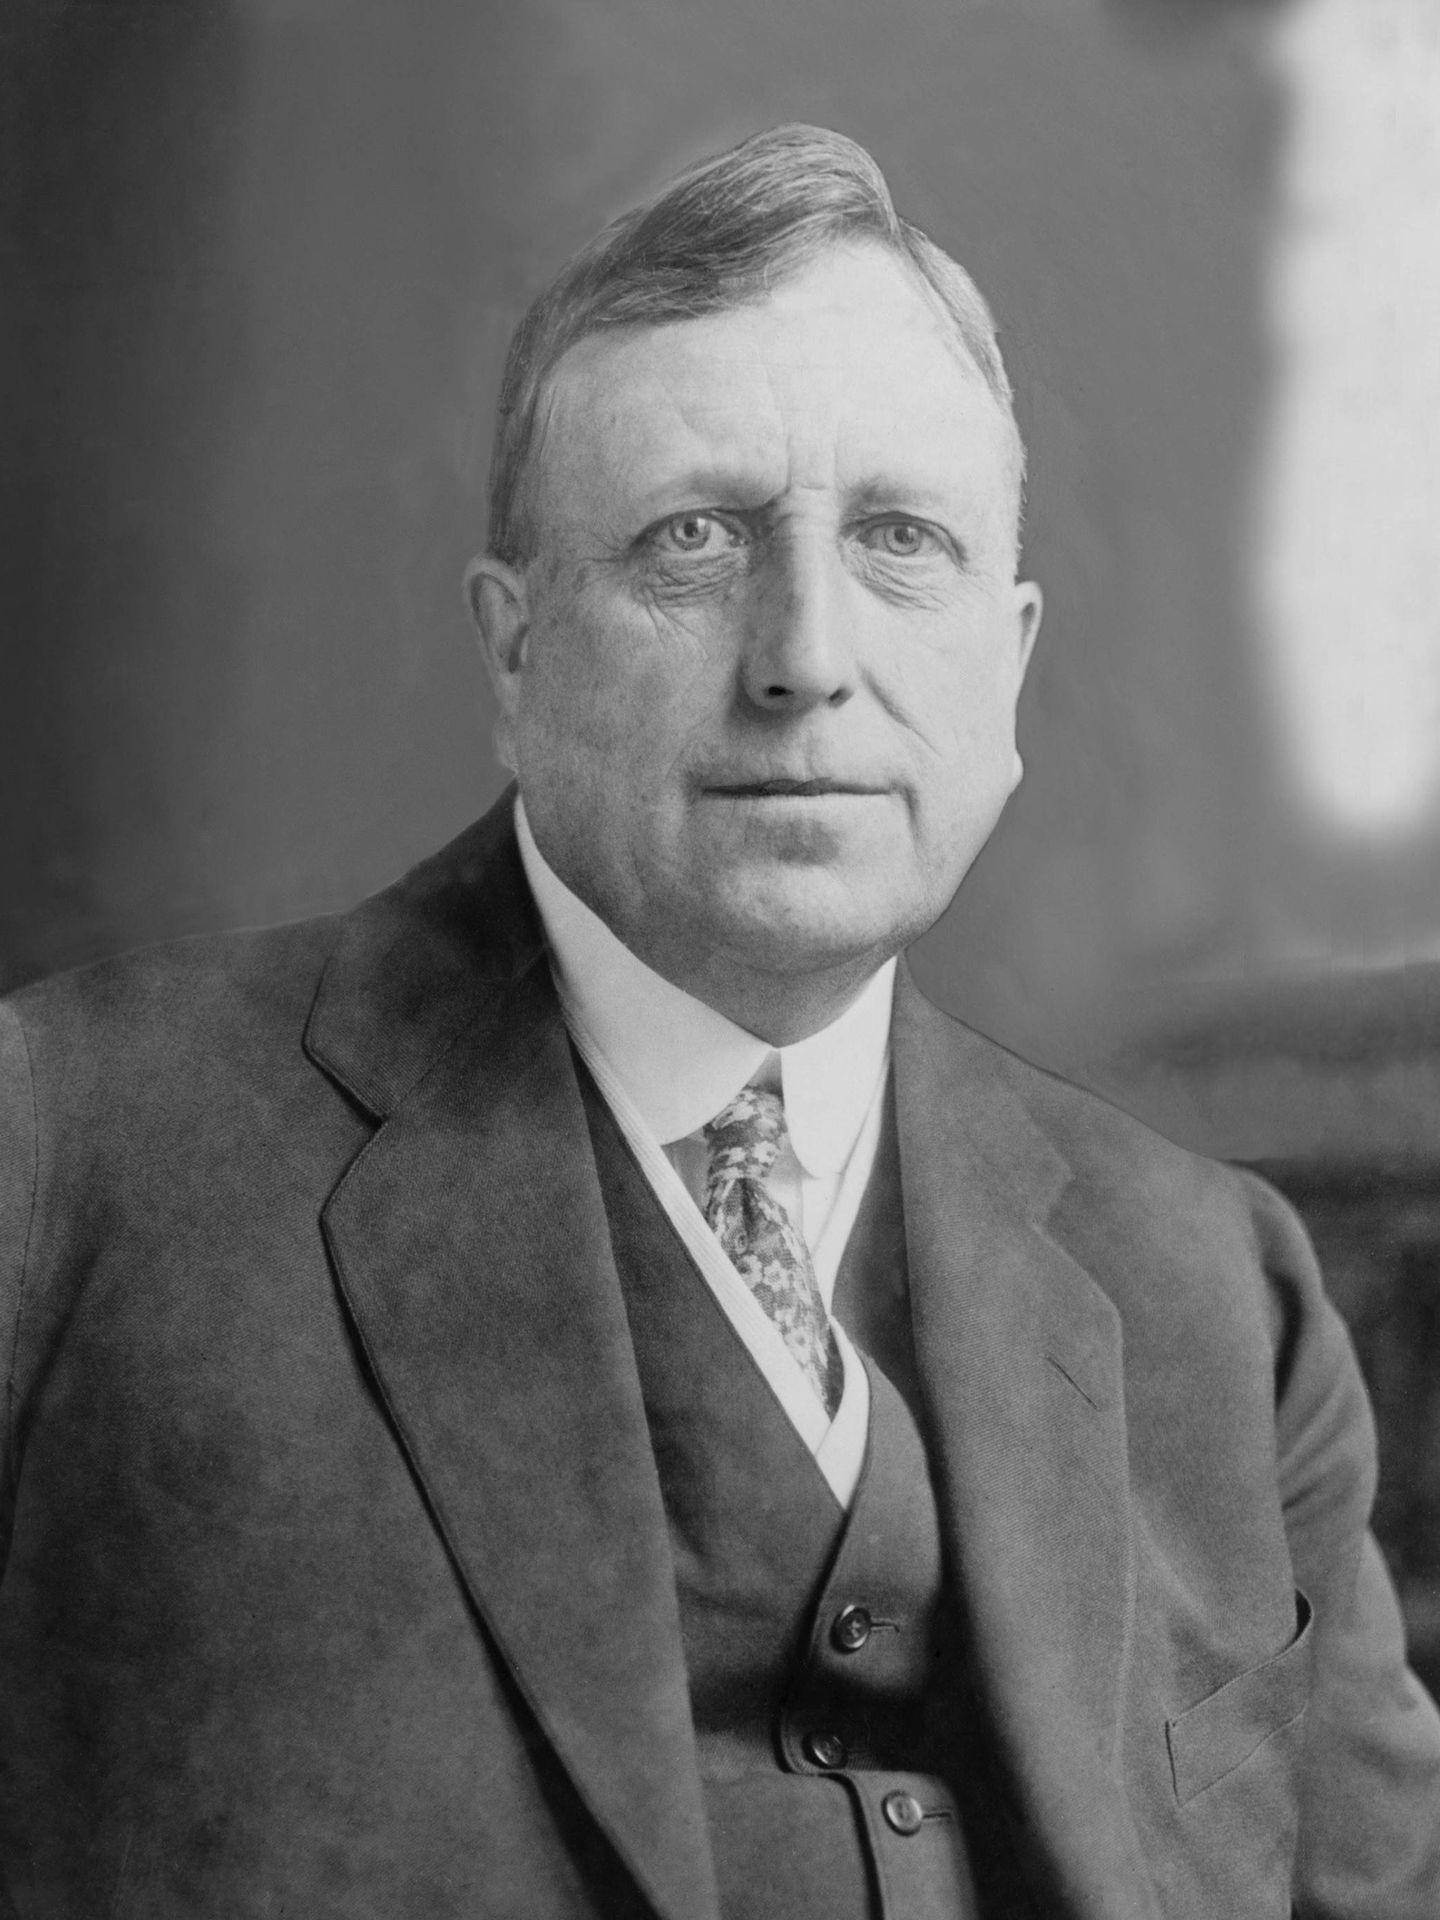 William Randolph Hearst, el magnate de la prensa que inspiró la película. (CP)